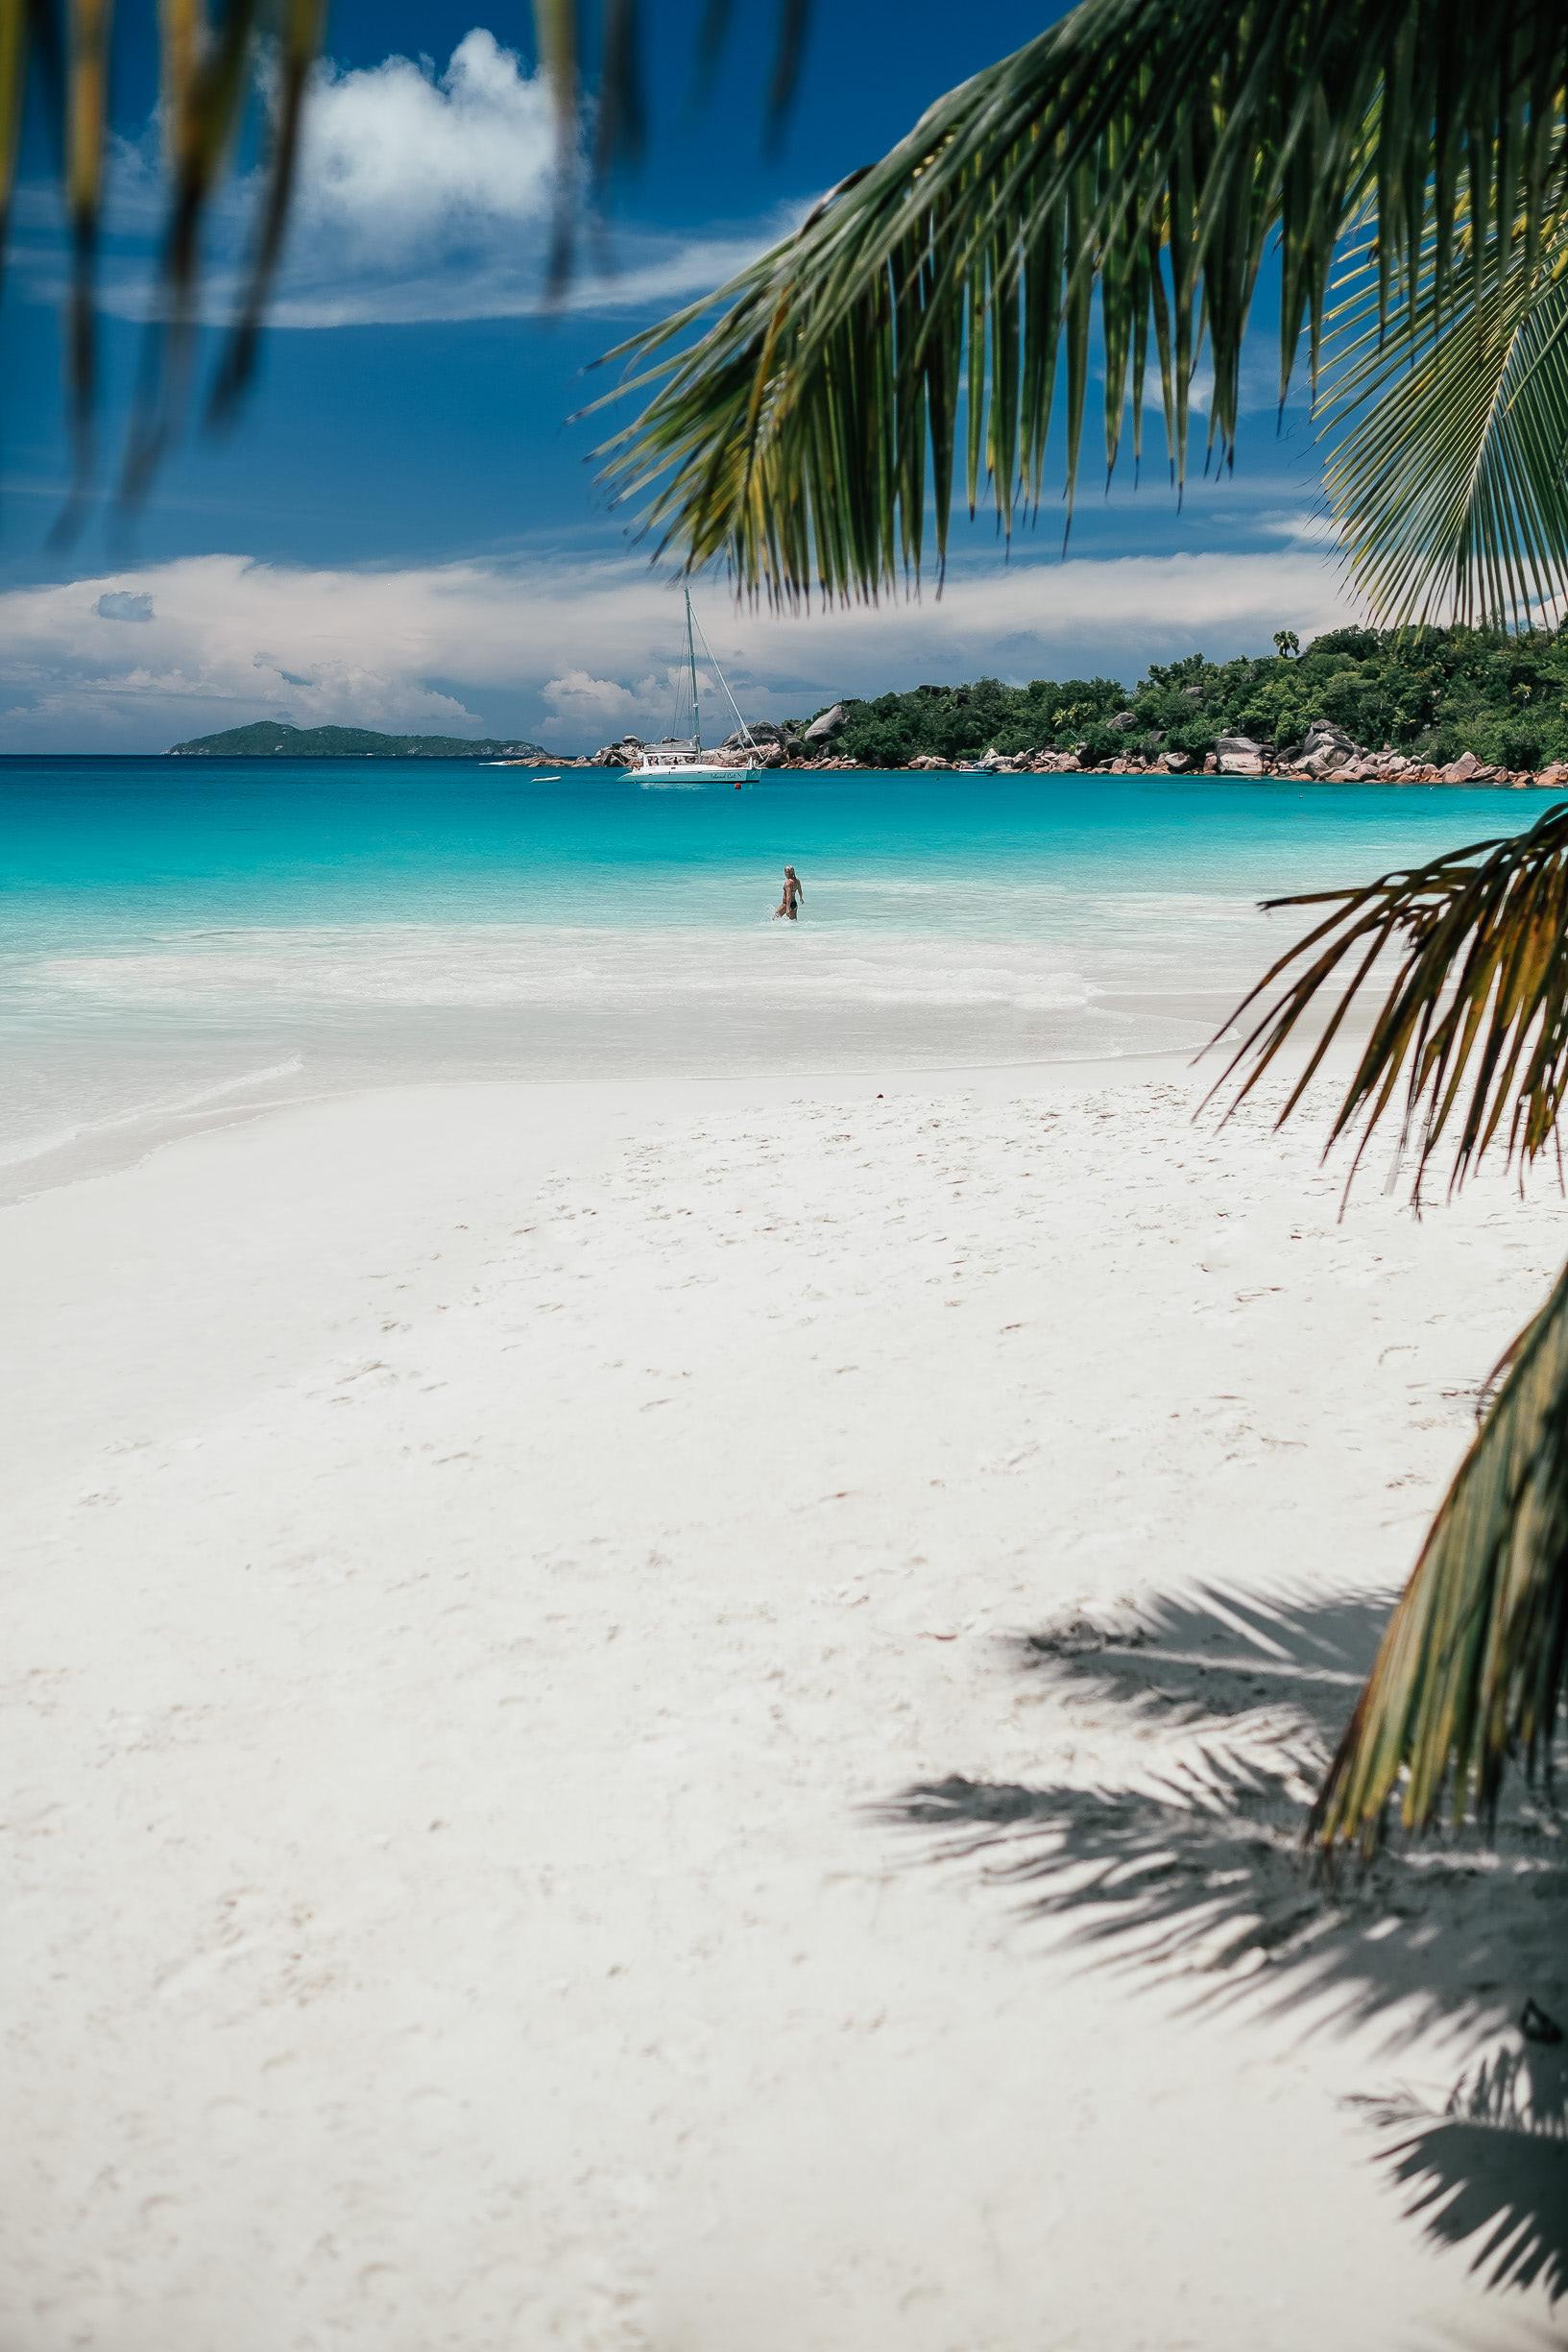 Plage La Digue Seychelles